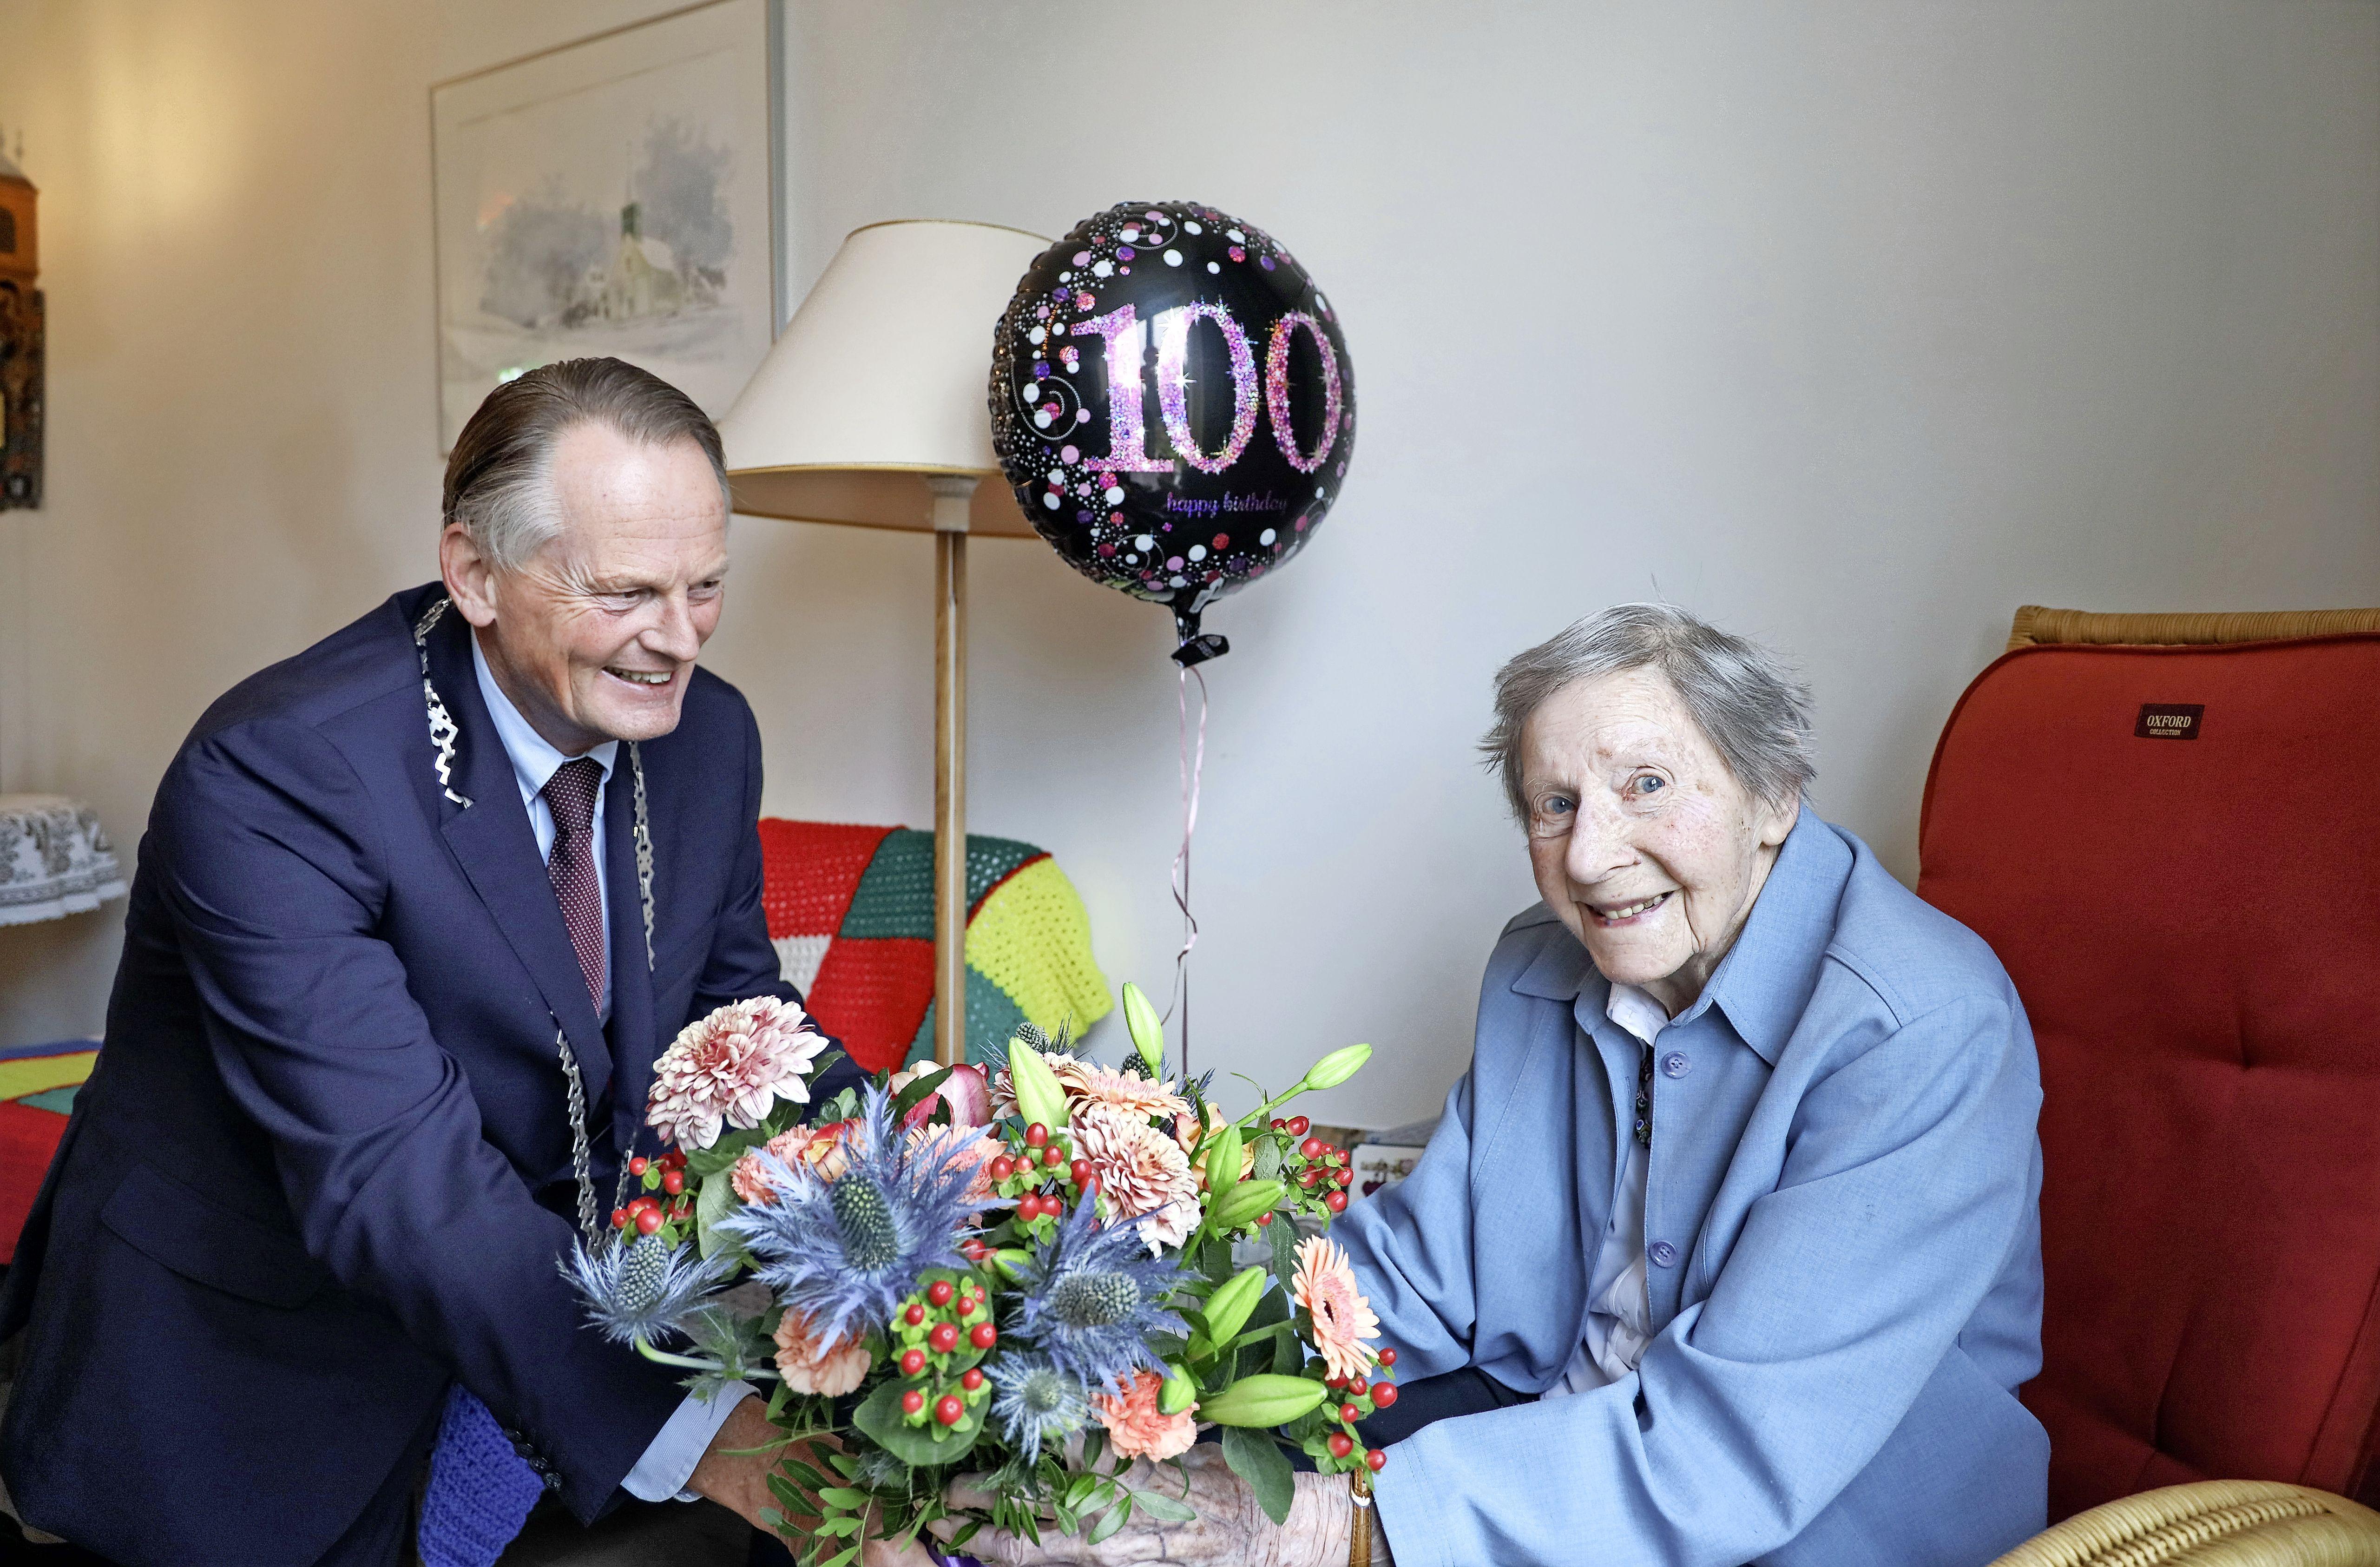 Andijkse Van Zwol viert in haar geboortedorp haar honderdste verjaardag